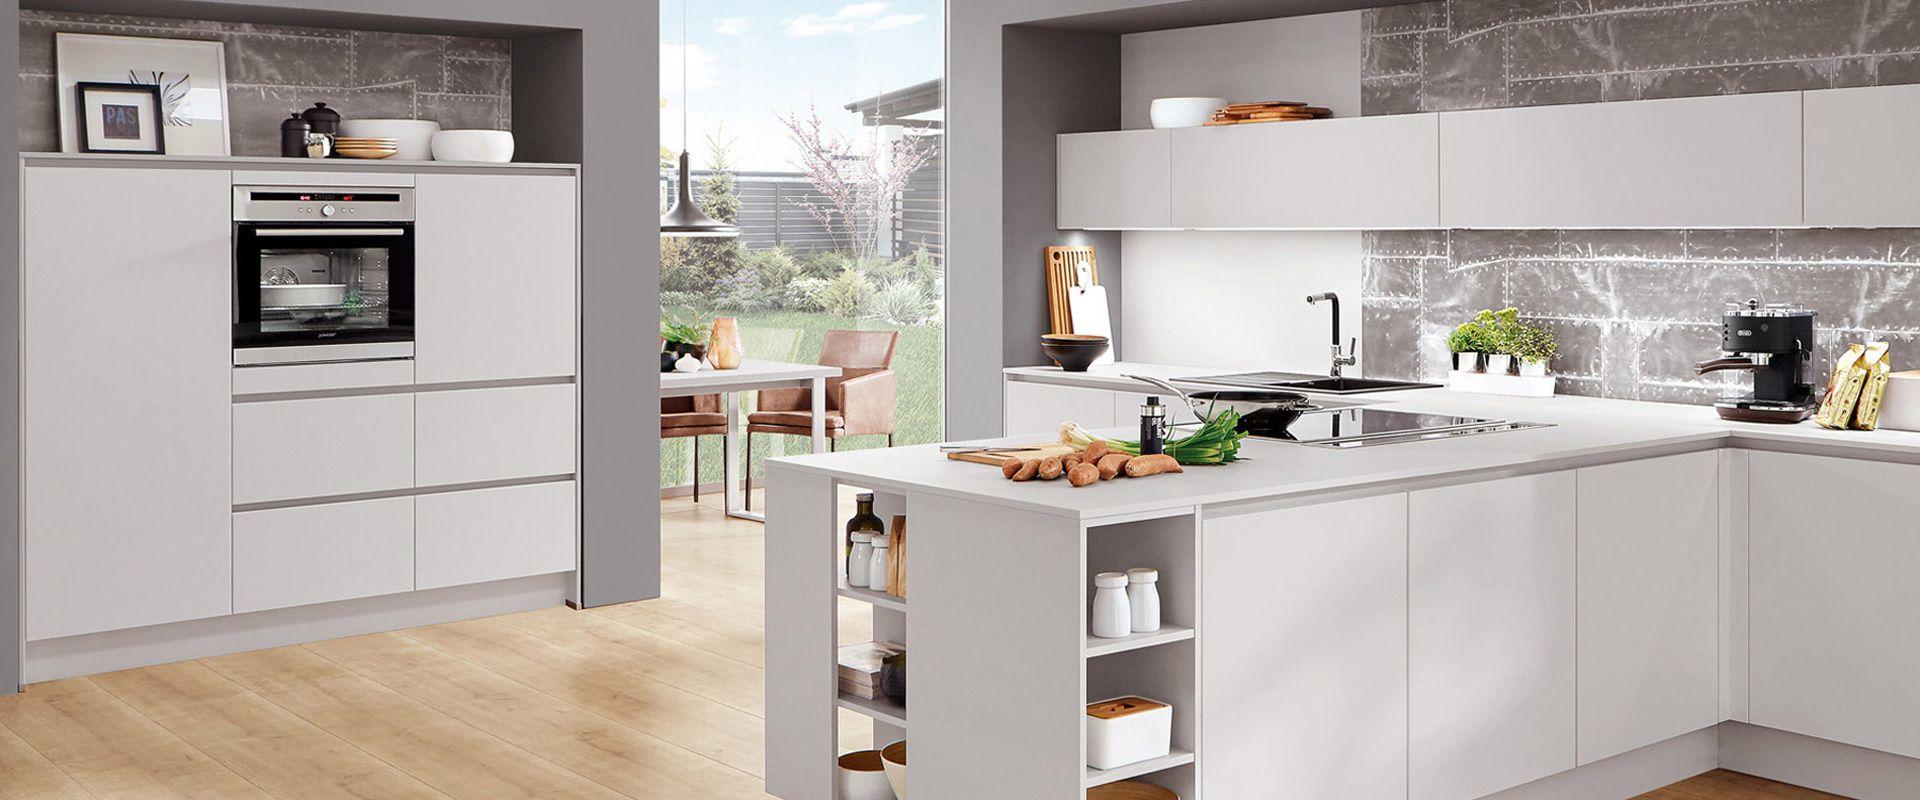 Küchenfachhändler Katzhütte-Oelze Küchen-EHLE